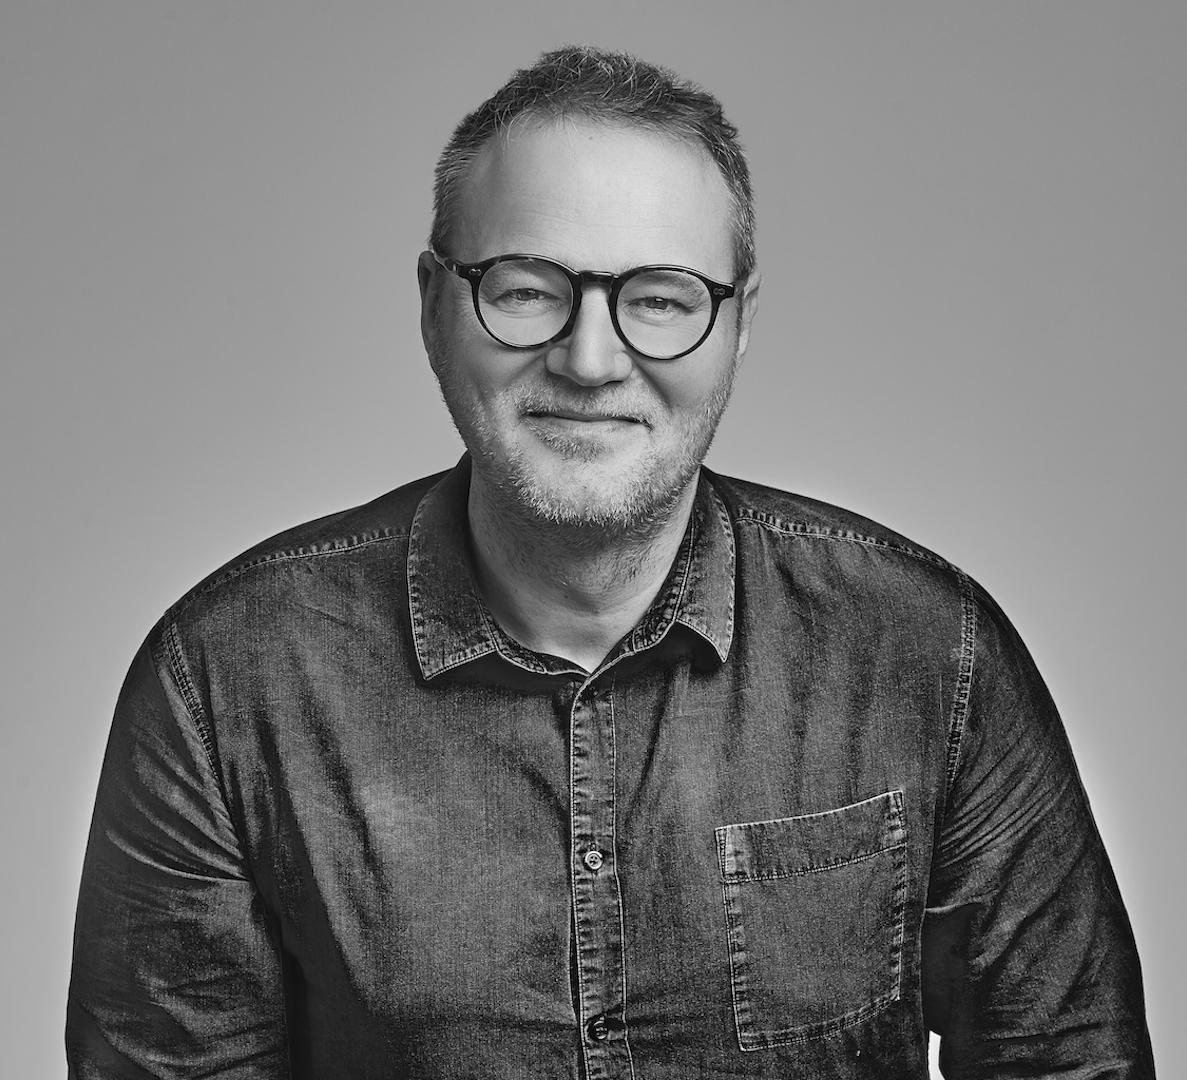 Frank Jøhnke